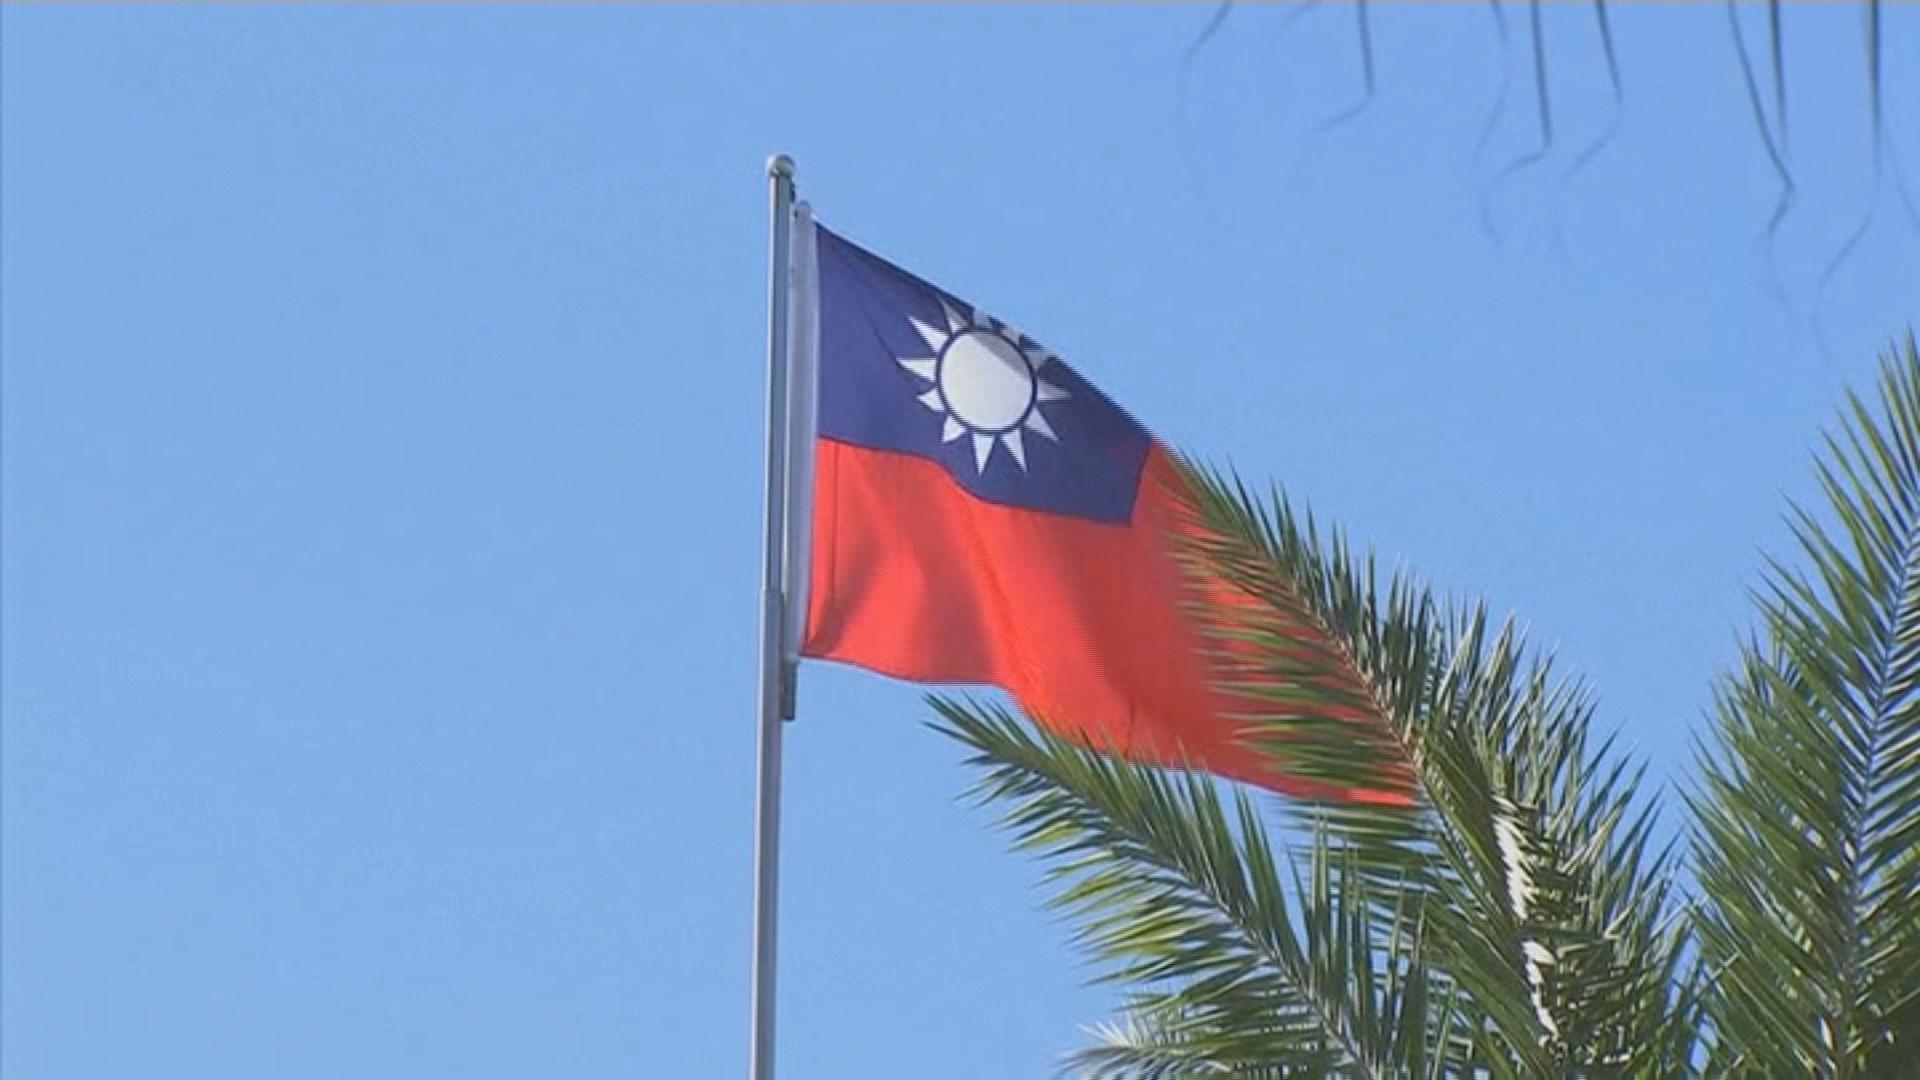 대만 환태평양동반자협정 가입 신청…중국과 긴장 고조될 듯